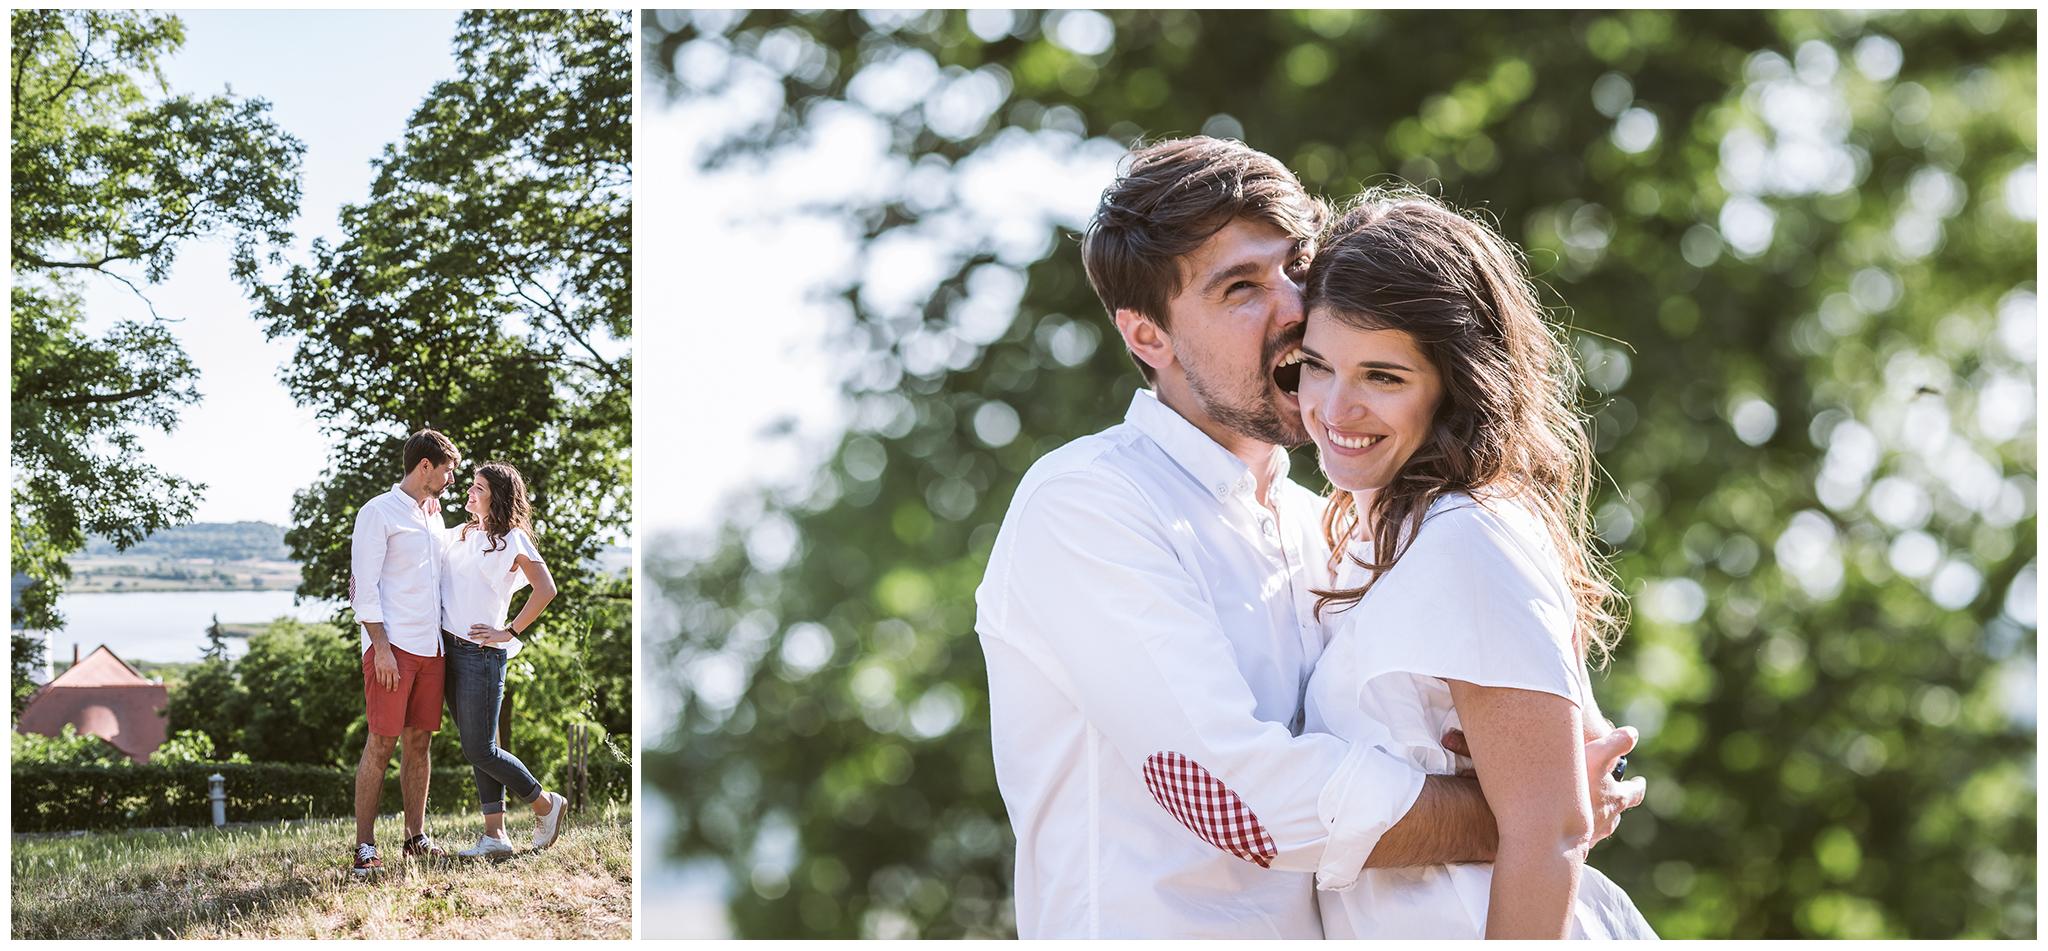 FylepPhoto, esküvőfotózás, magyarország, esküvői fotós, vasmegye, prémium, jegyesfotózás, Fülöp Péter, körmend, kreatív, tihany 05.jpg